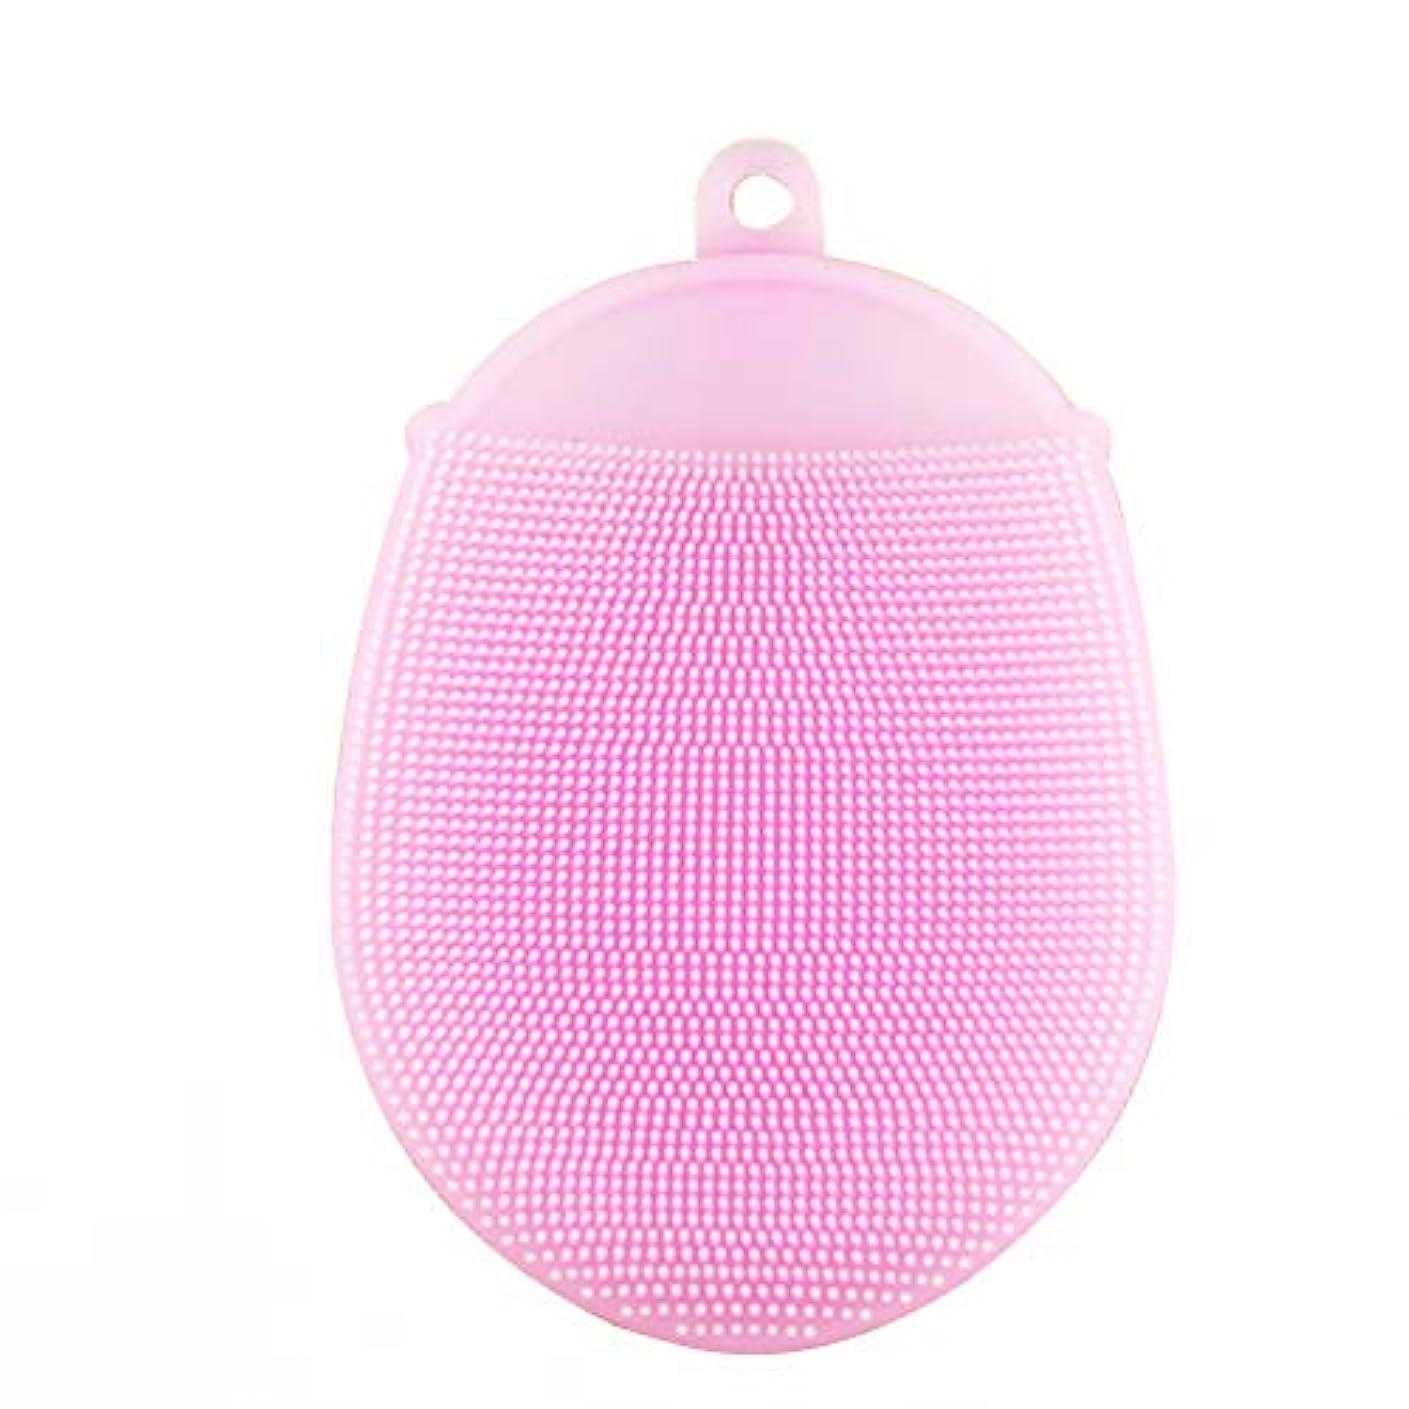 木議題想像力Healifty シリコン 入浴ブラシ 抗菌 シャワースクラバー 洗顔パッド 2本入 (ピンク)